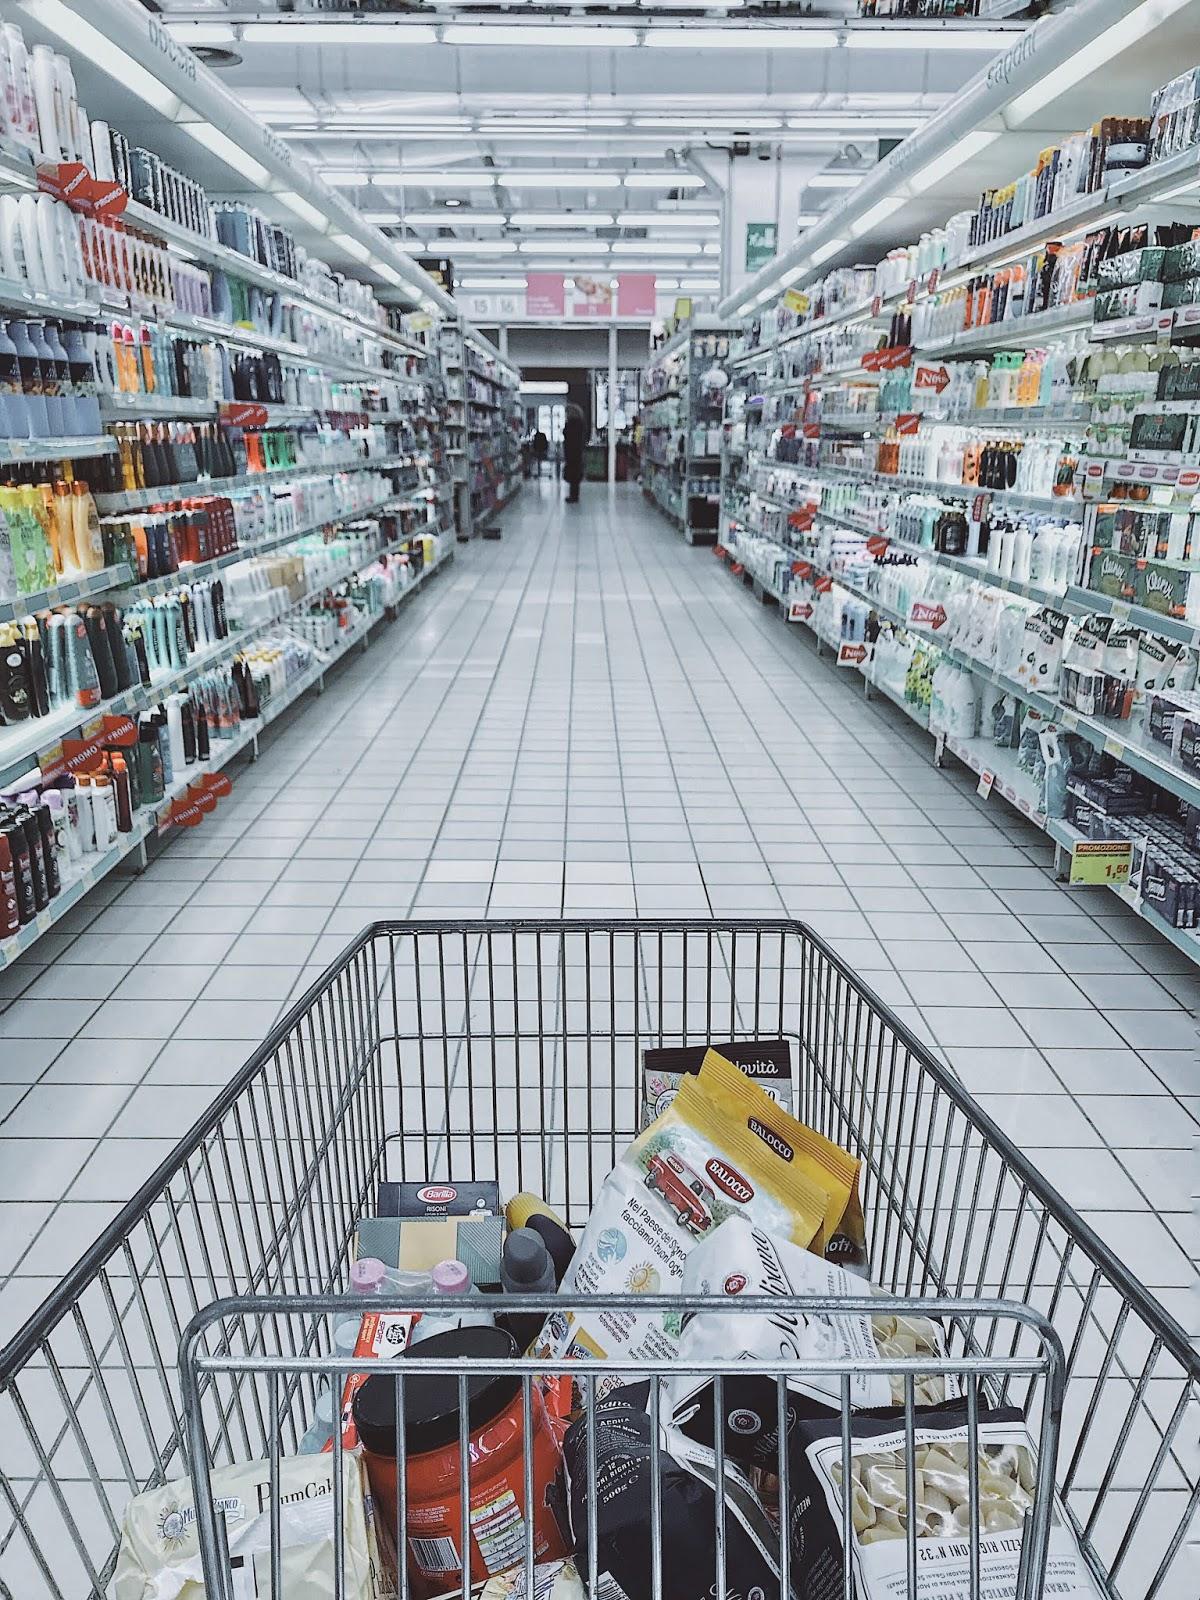 نصائح عند التسوق نصائح التسوق نصائح التسوق الالكتروني نصائح التسوق عبر الانترنت نصائح التسوق الذكي نصائح التسوق الصحي نصائح التسوق في رمضان نصائح التسوق للمولود الجديد نصائح للتسوق الامن